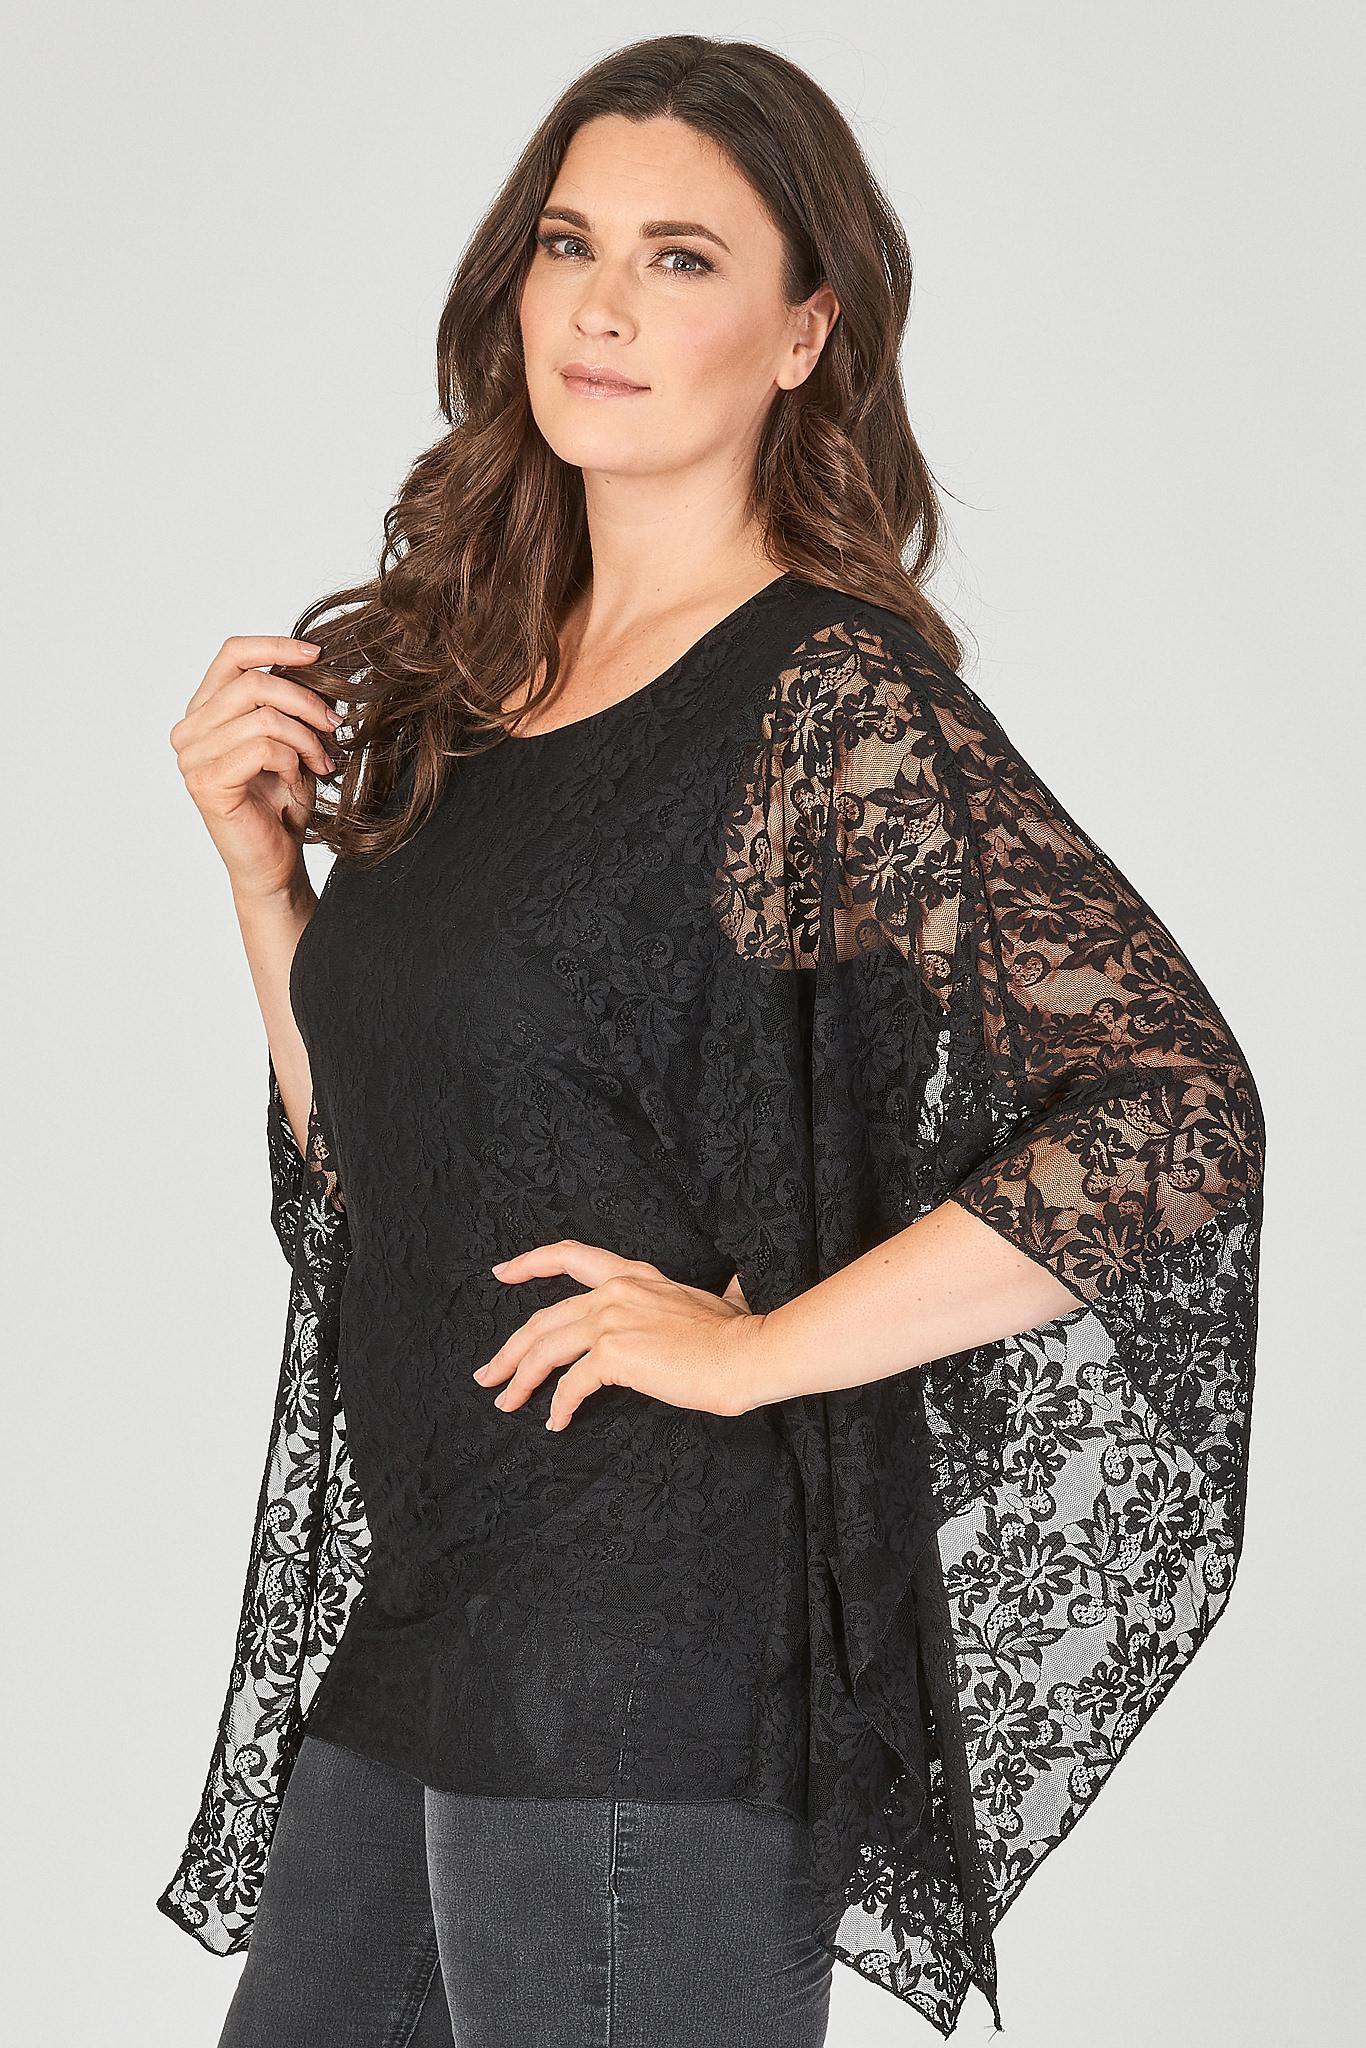 Tunika za močnejše ženske v večjih velikostih spletne trgovine Modna Dama.